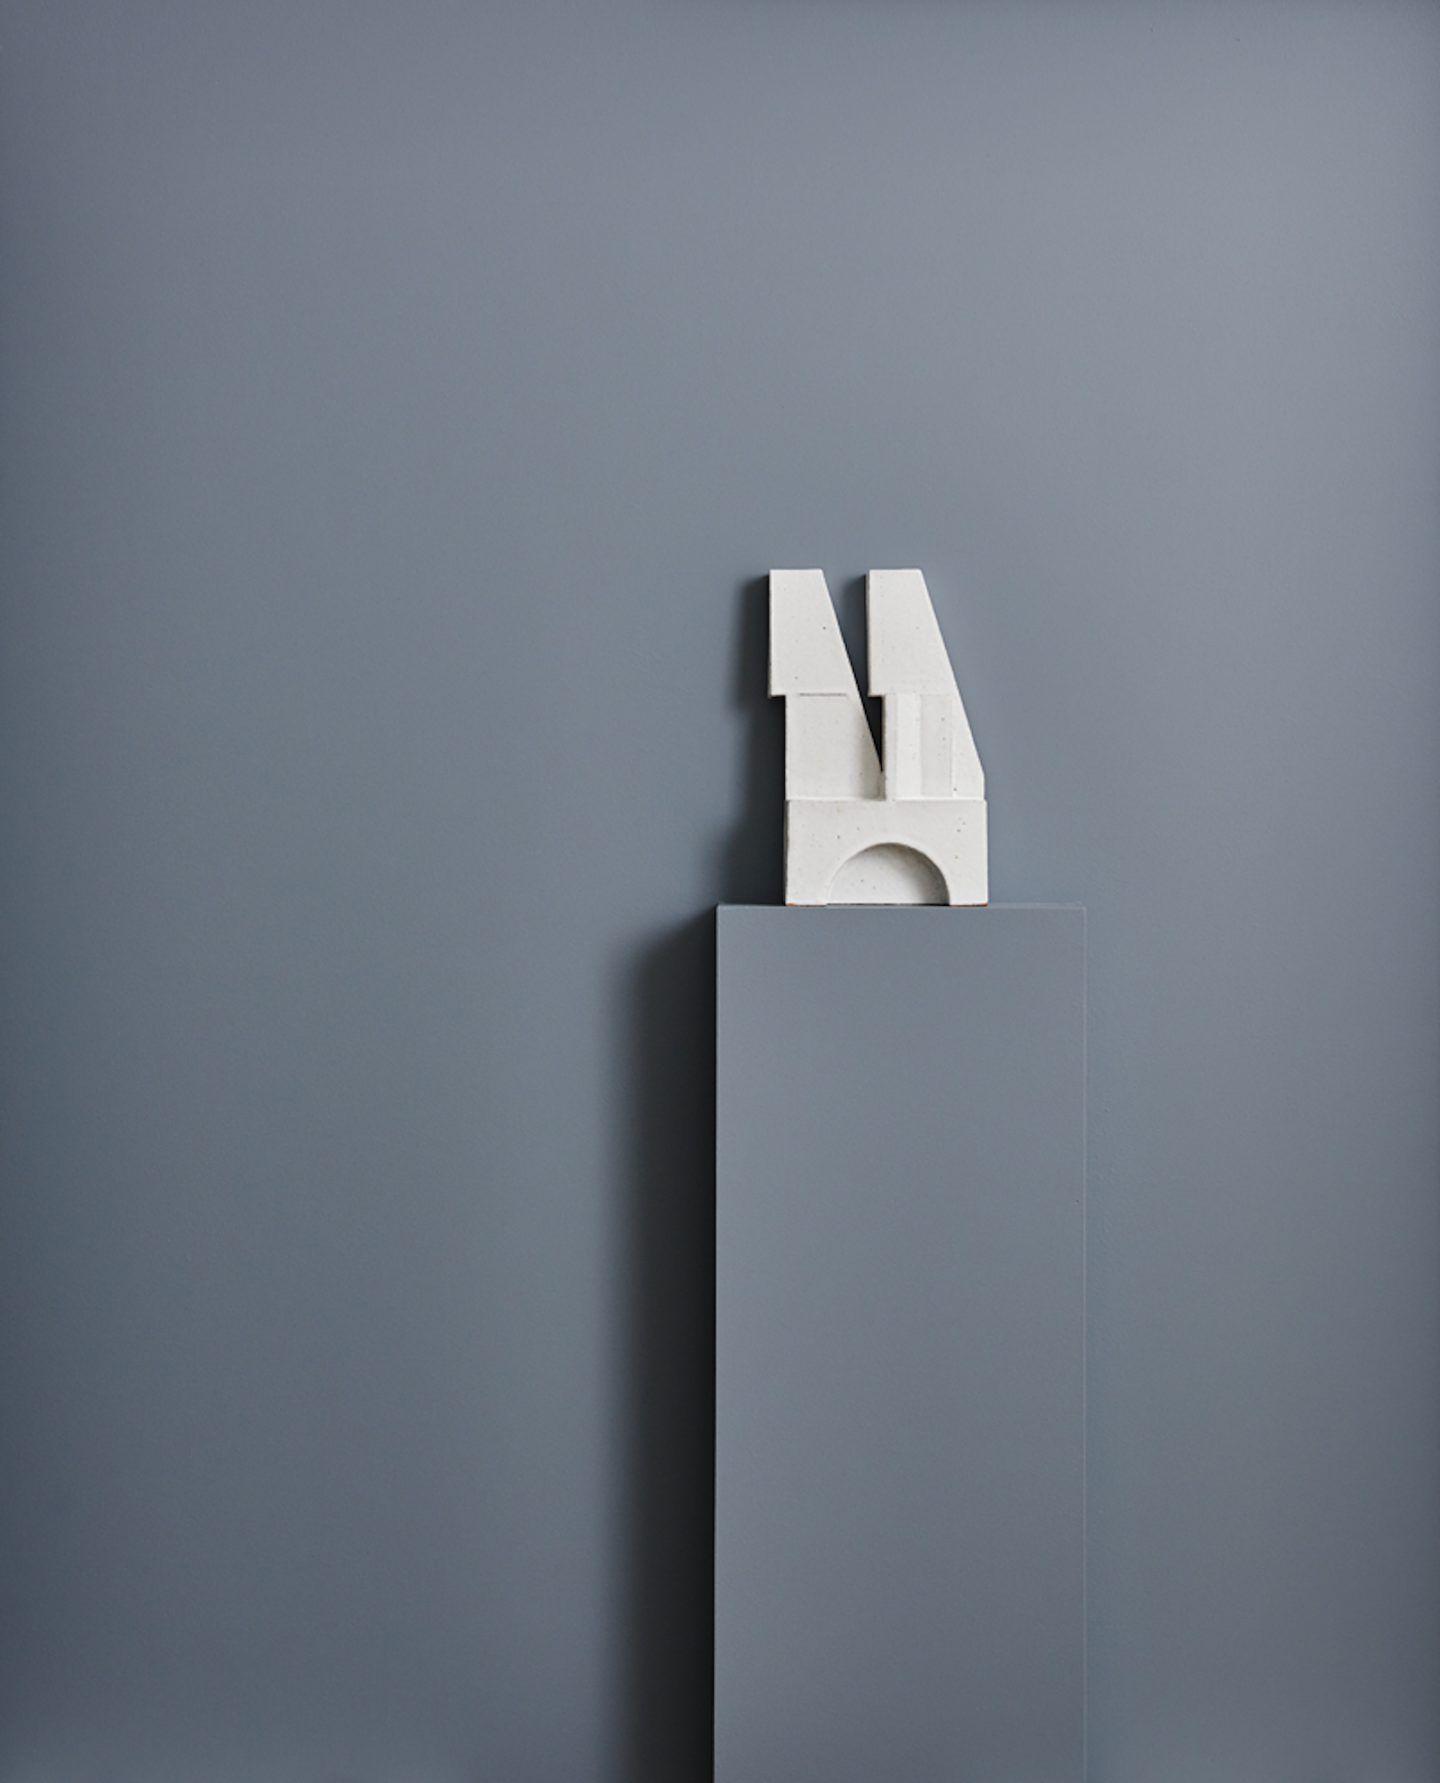 IGNANT-Design-Bruce-Rowe-Structures-010